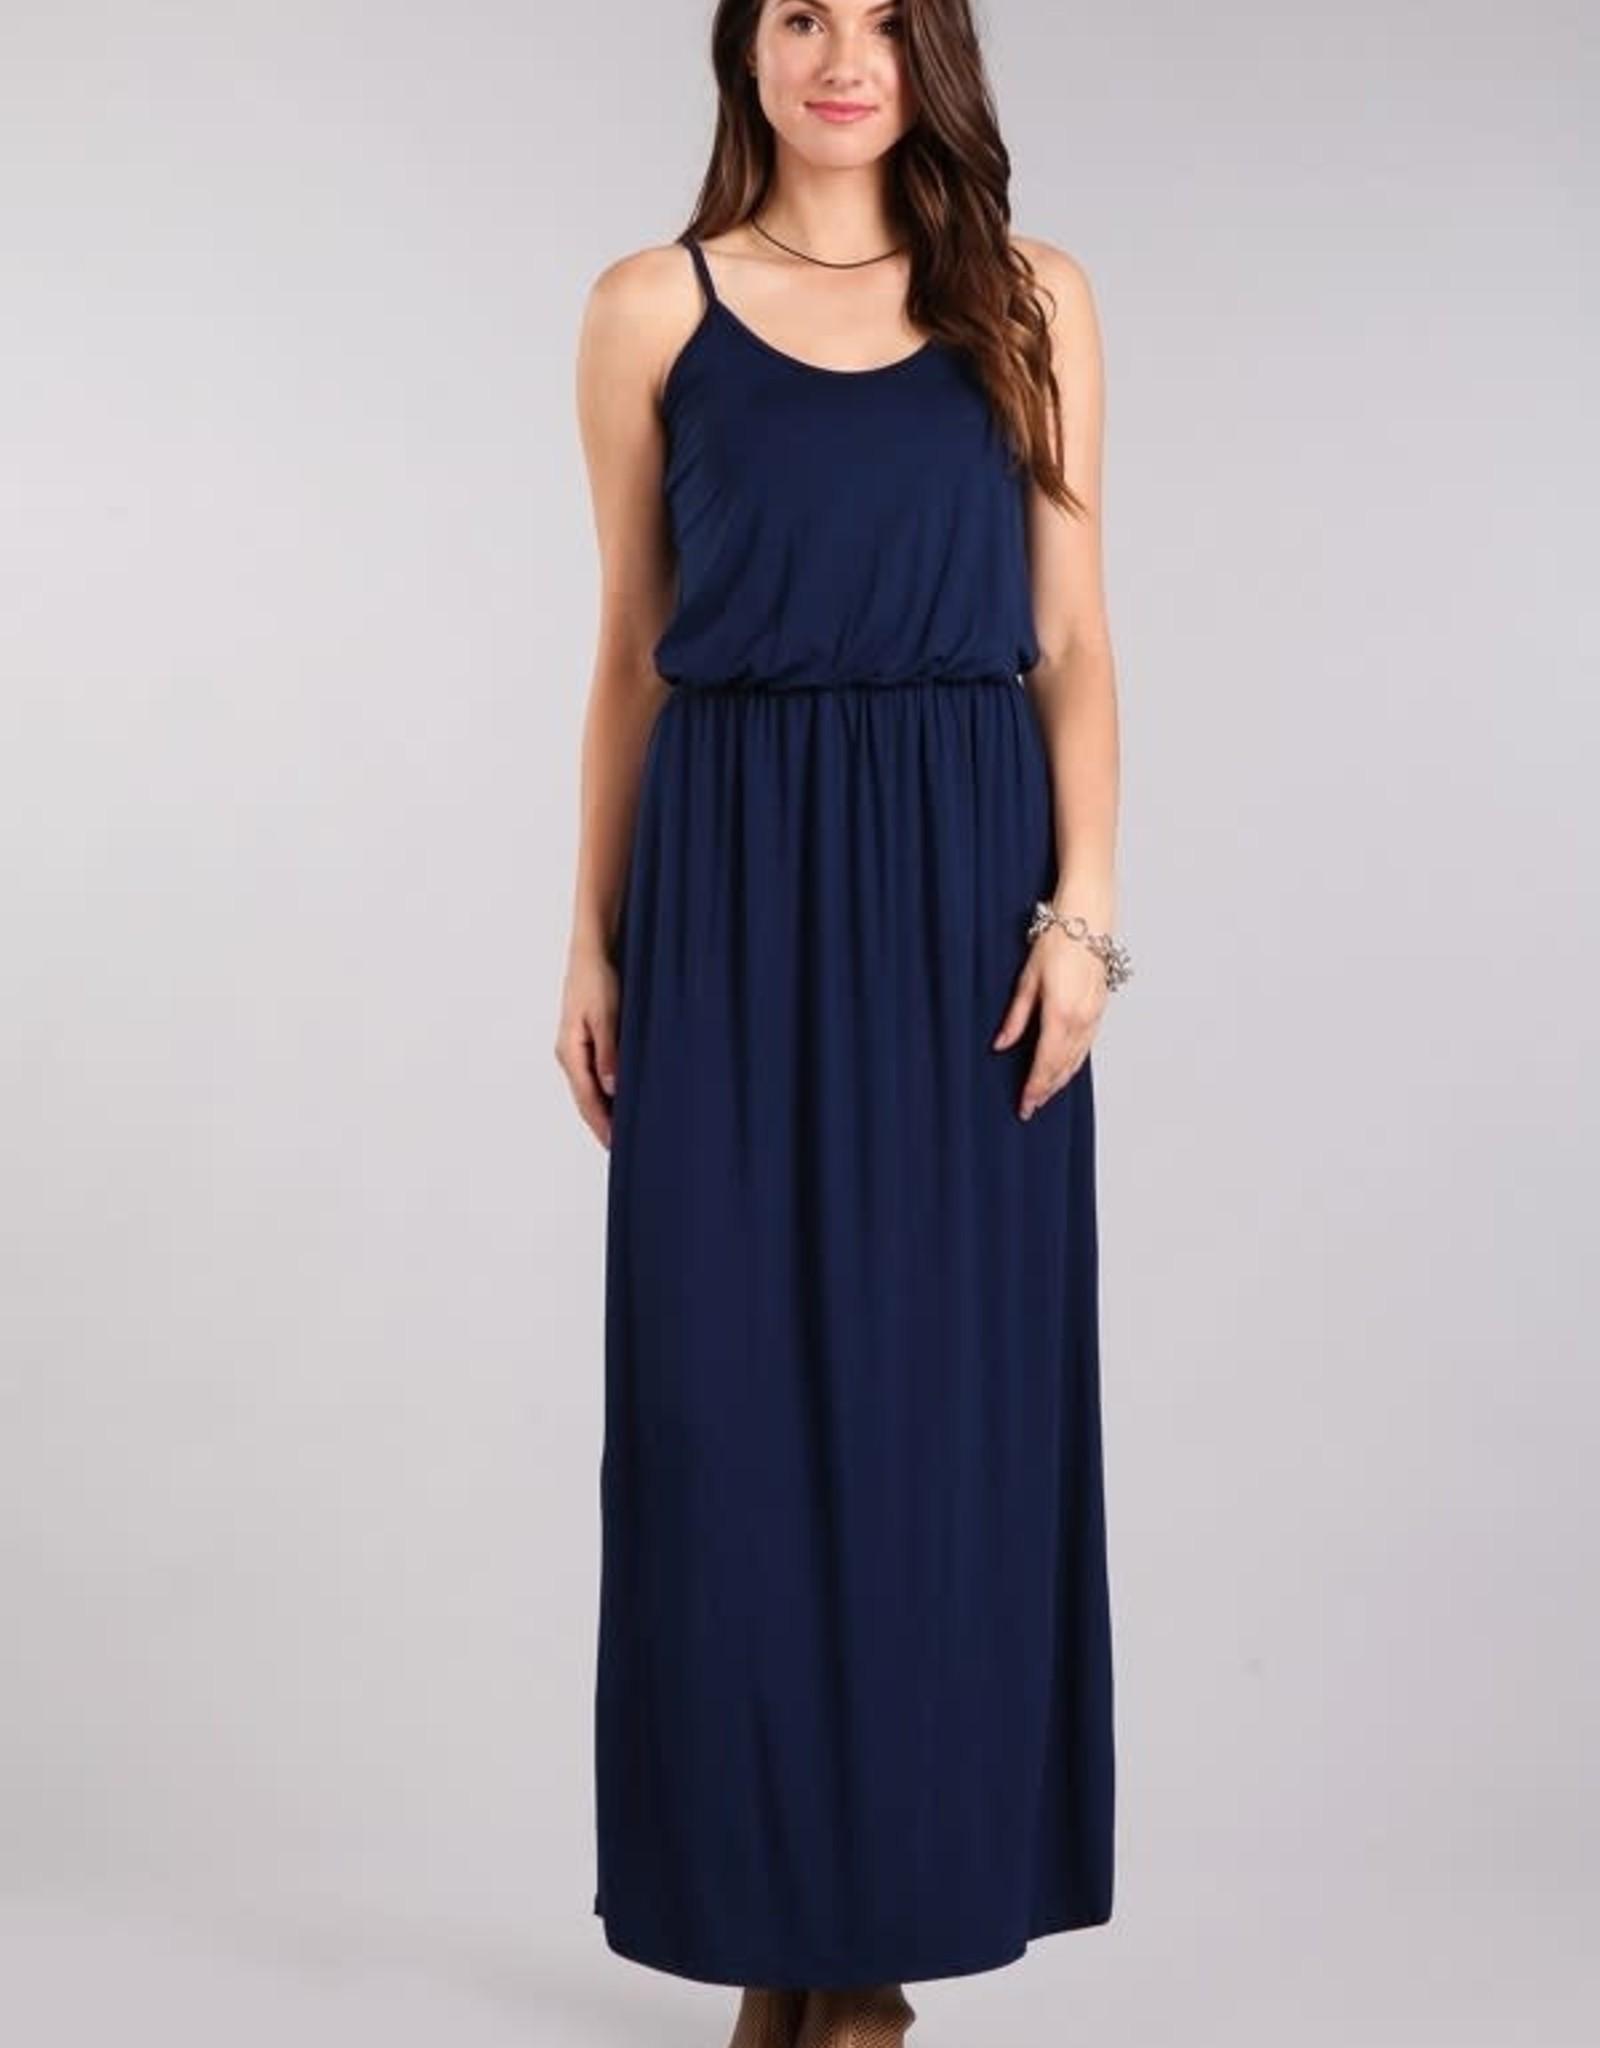 Miss Bliss Solid Knit Svls Maxi Dress- Navy